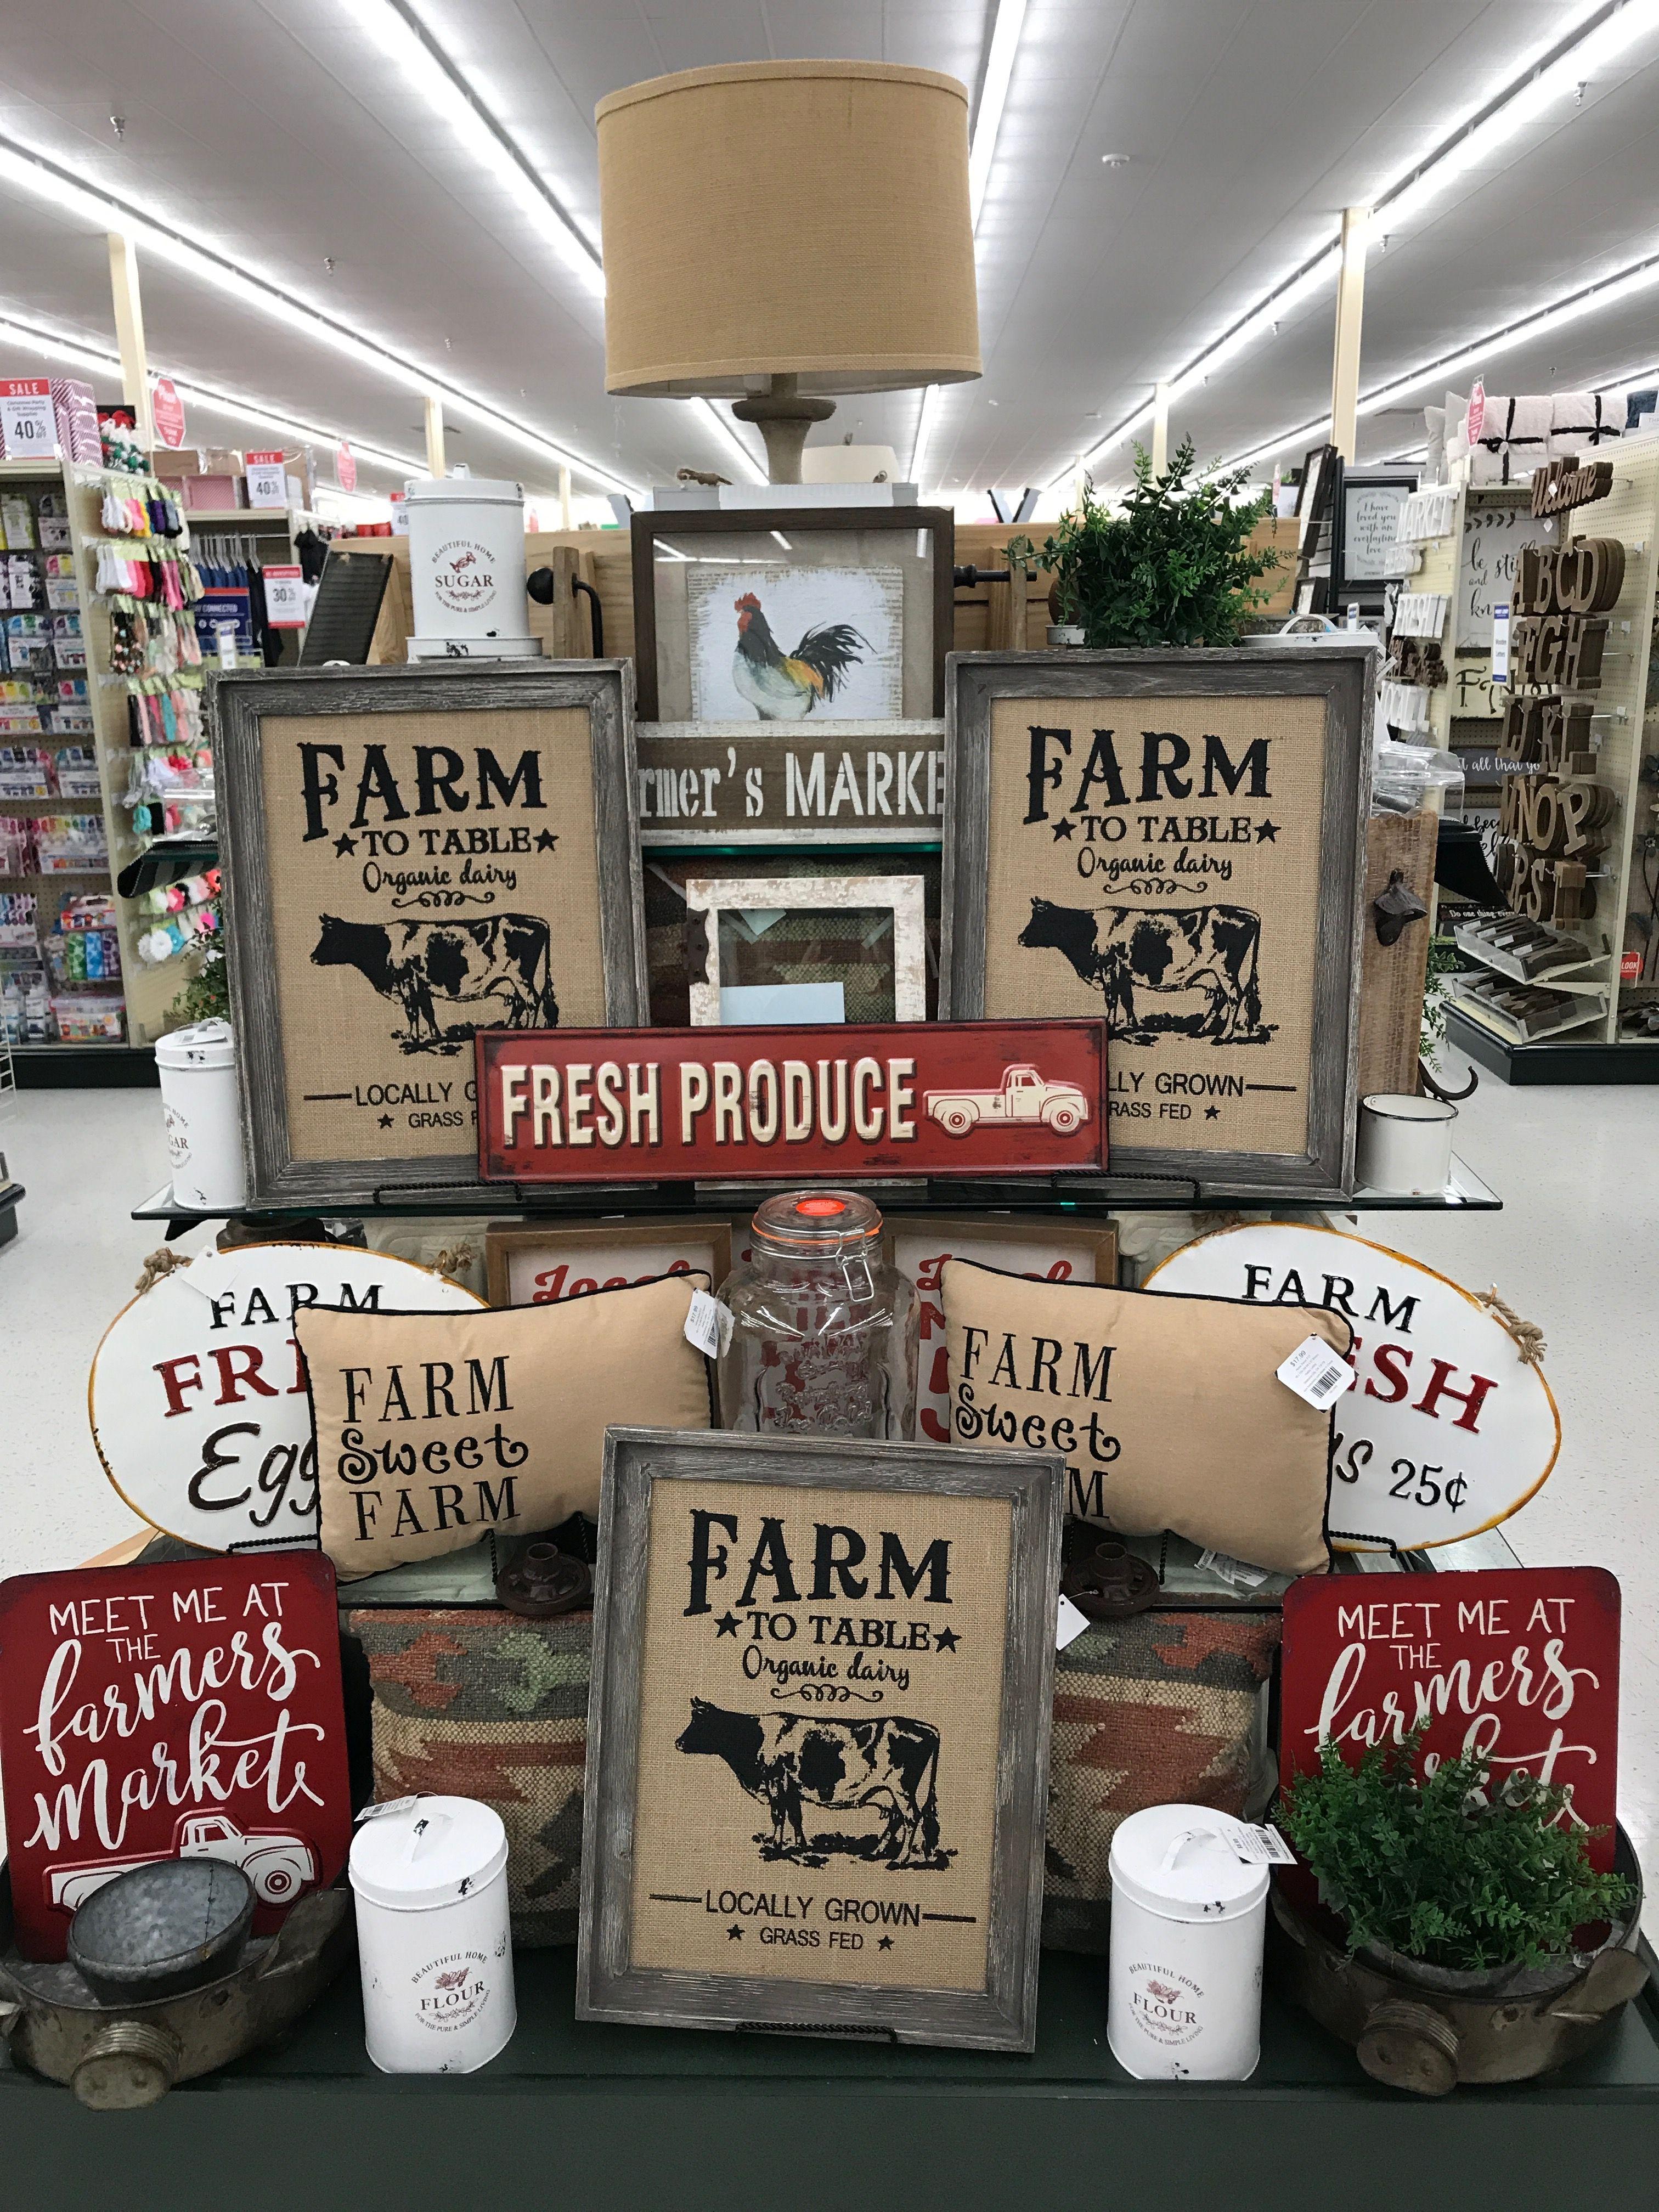 Farm to table Hobby lobby decor, Farmhouse decor